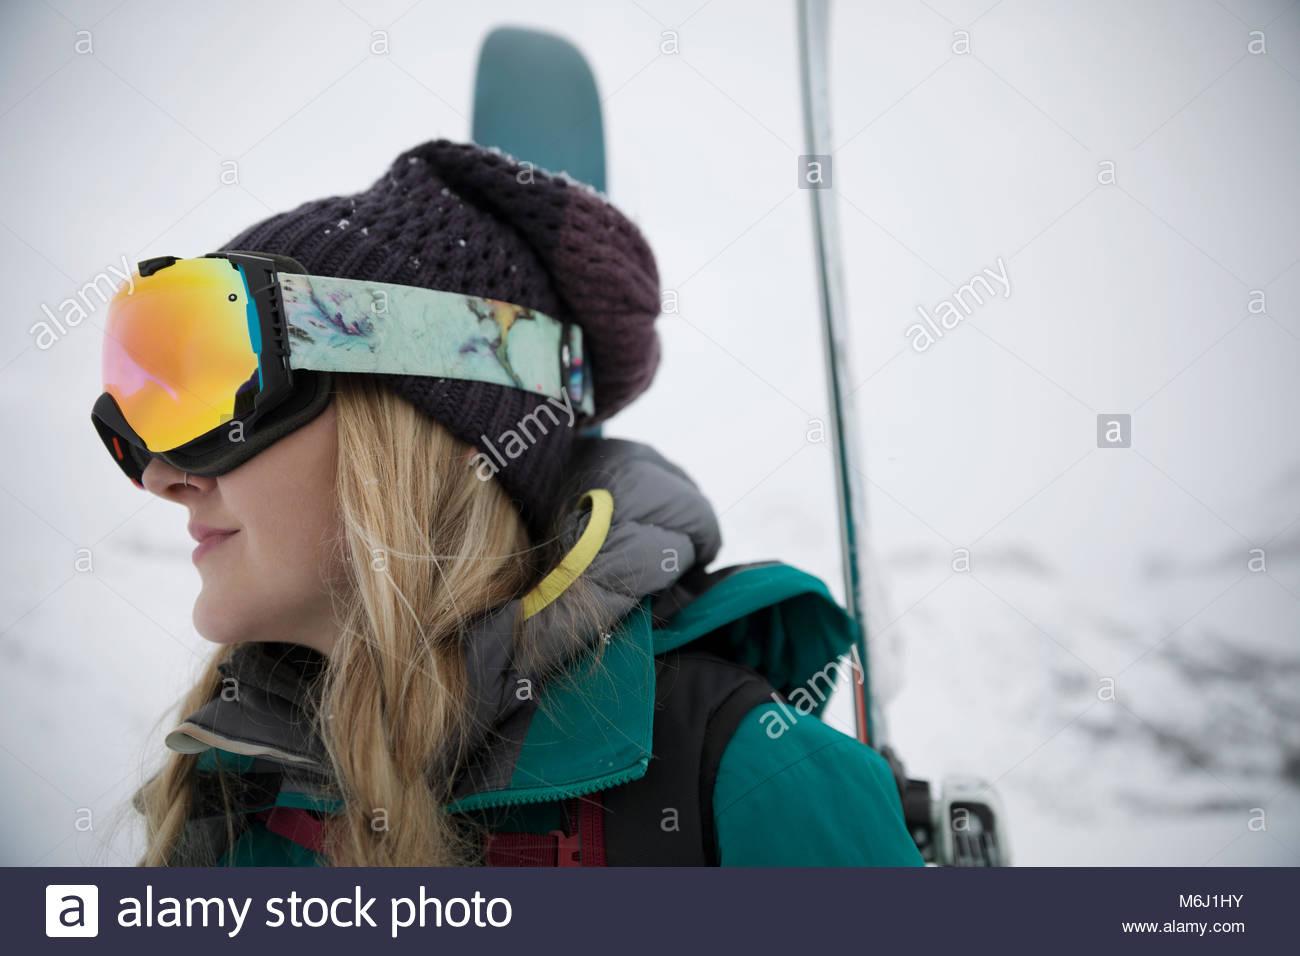 Female skier in ski goggles - Stock Image